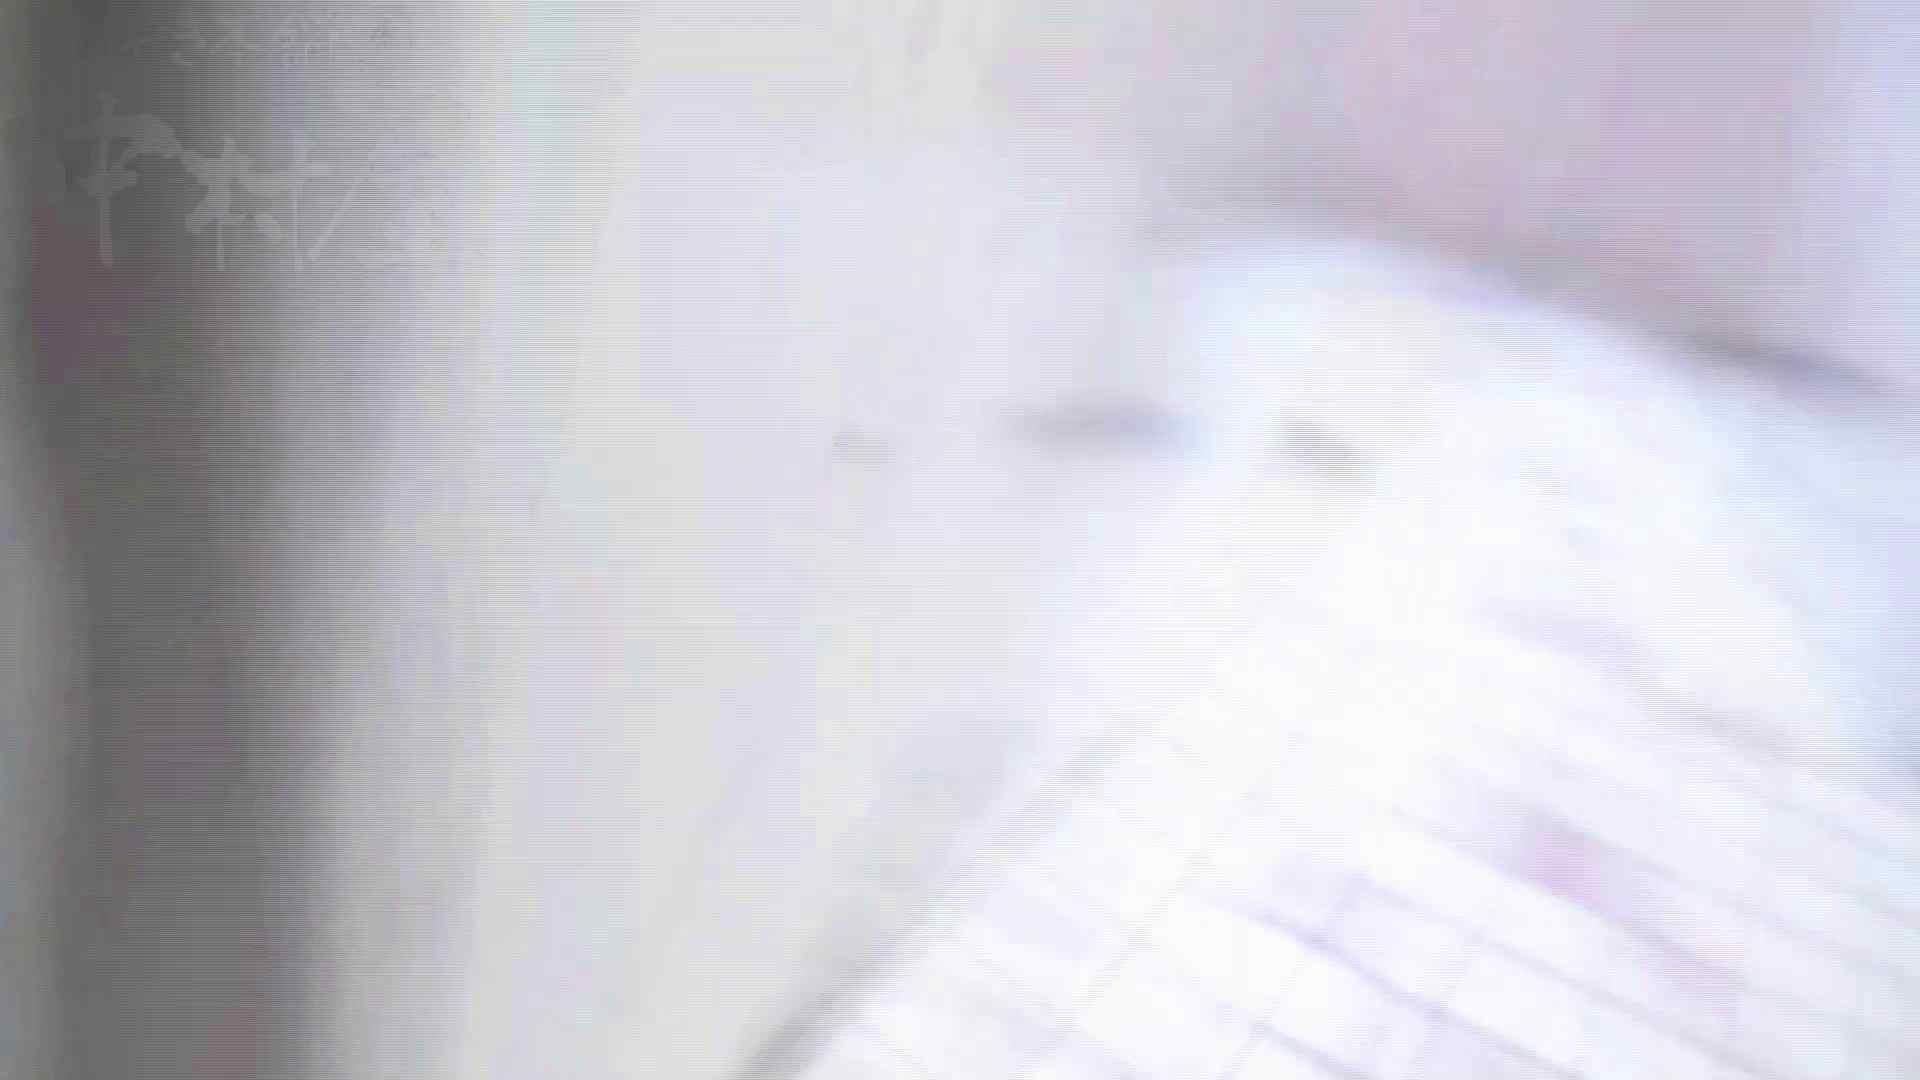 美しい日本の未来 No.17 番外編 ※※※閲覧注意※※※ トイレ 盗撮セックス無修正動画無料 105画像 67